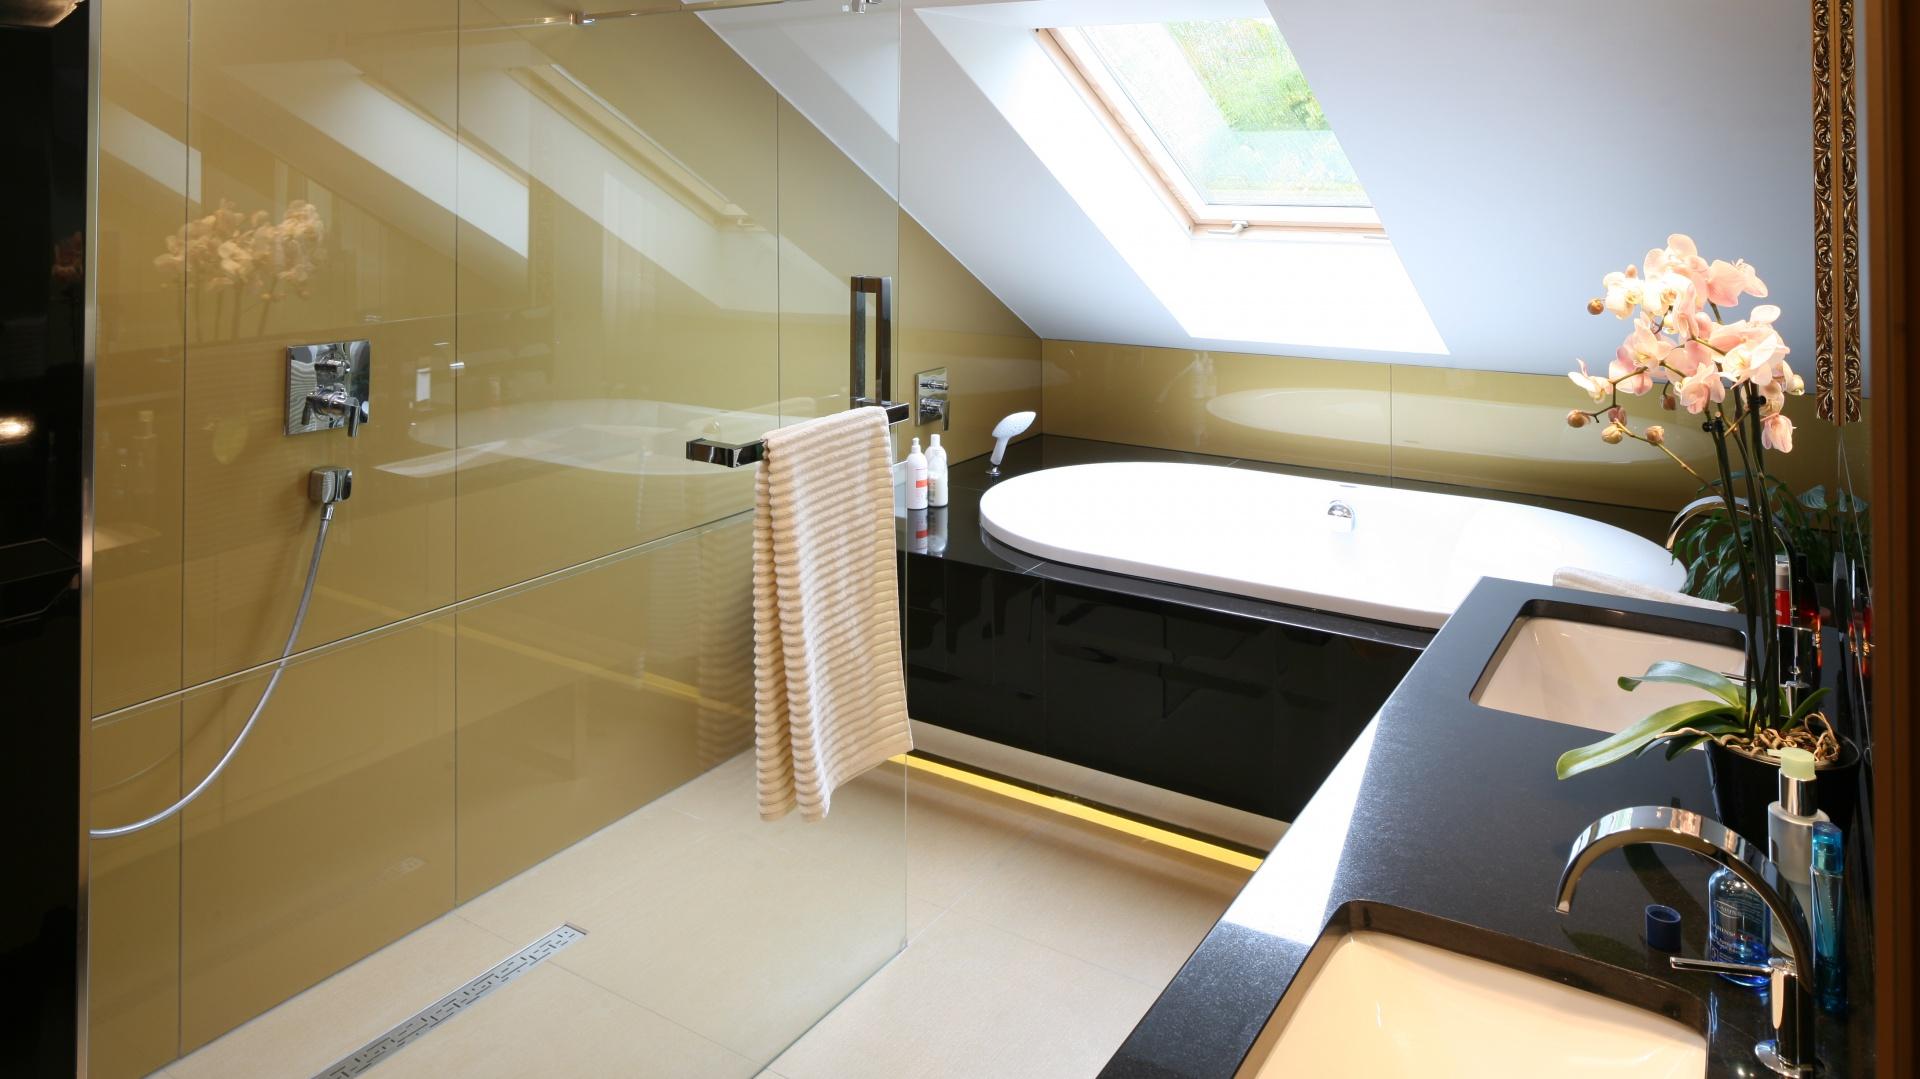 Prysznic walka in oddzielony został wielkoformatową szklaną taflą od reszty pomieszczenia. Projekt: Chantal Springer. Fot. Bartosz Jarosz